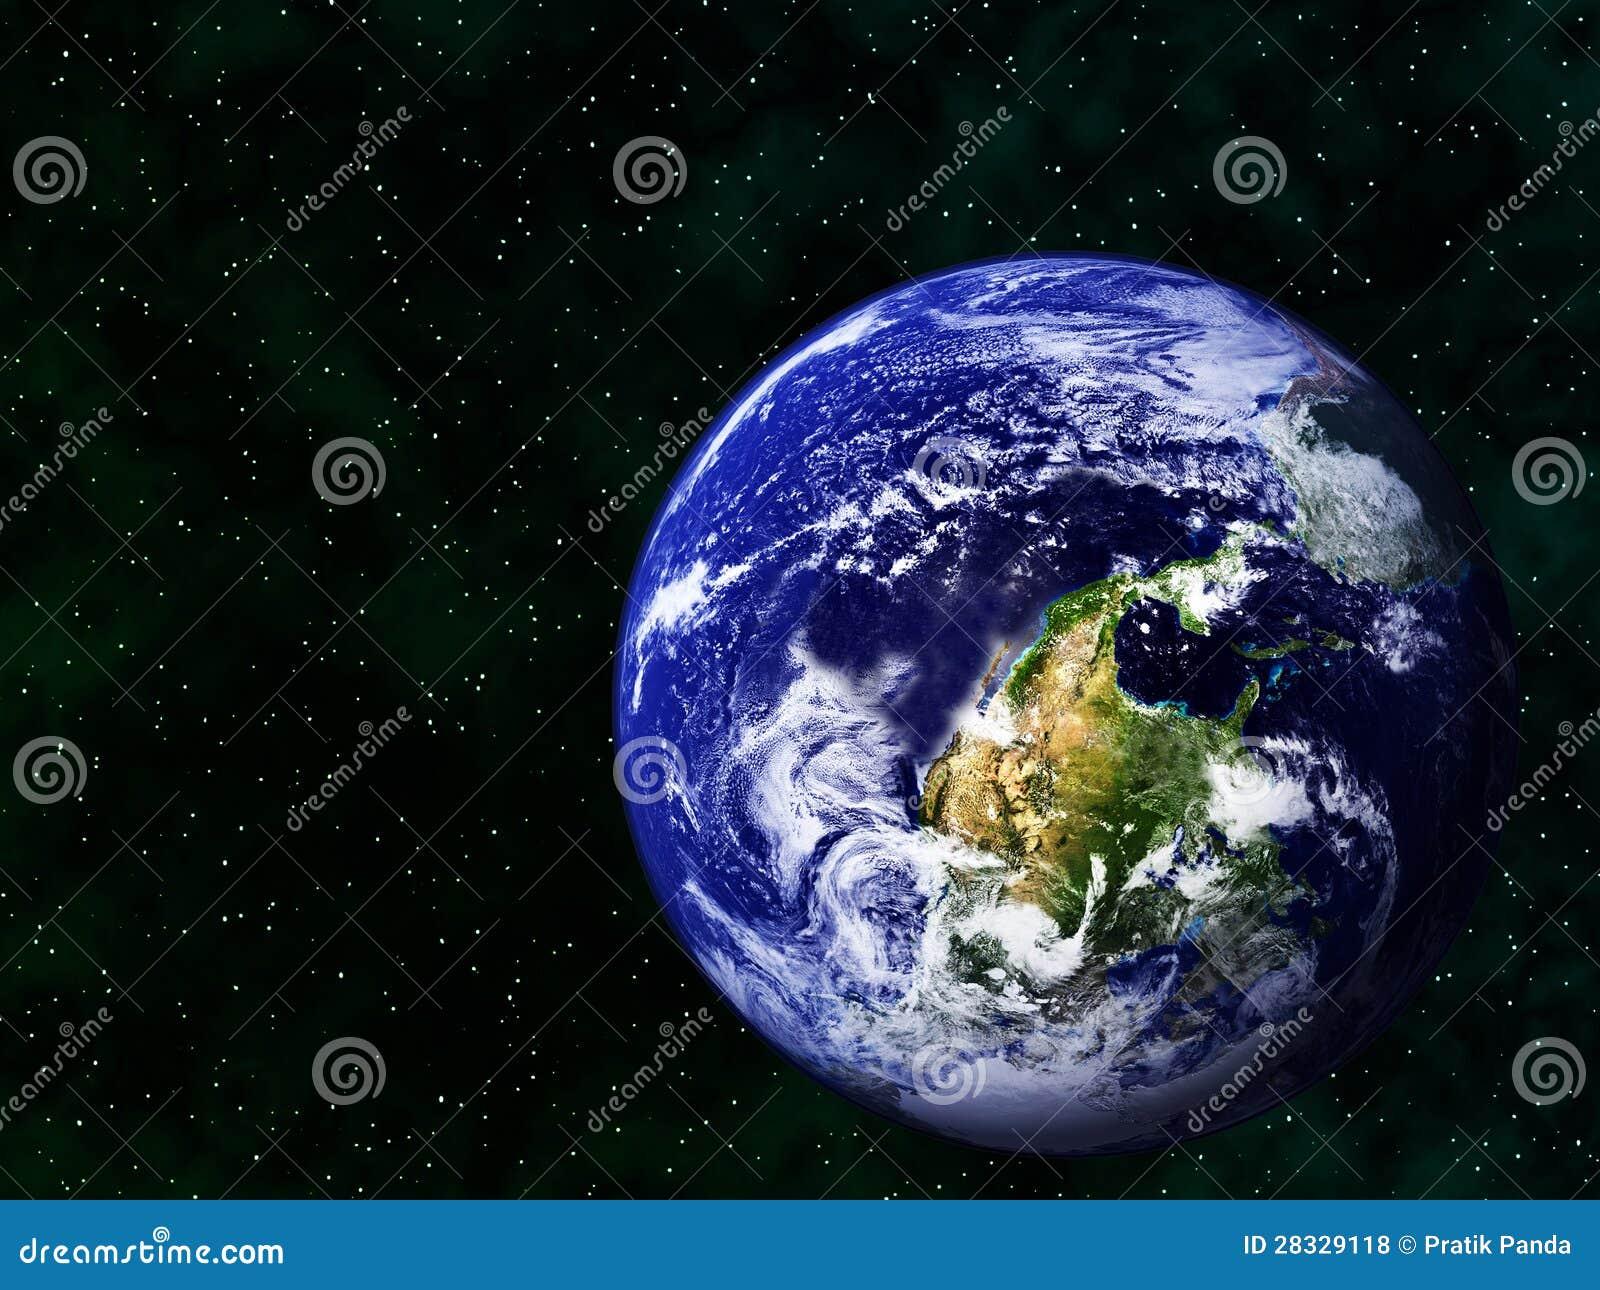 Imagen realista de la tierra upside-down en espacio